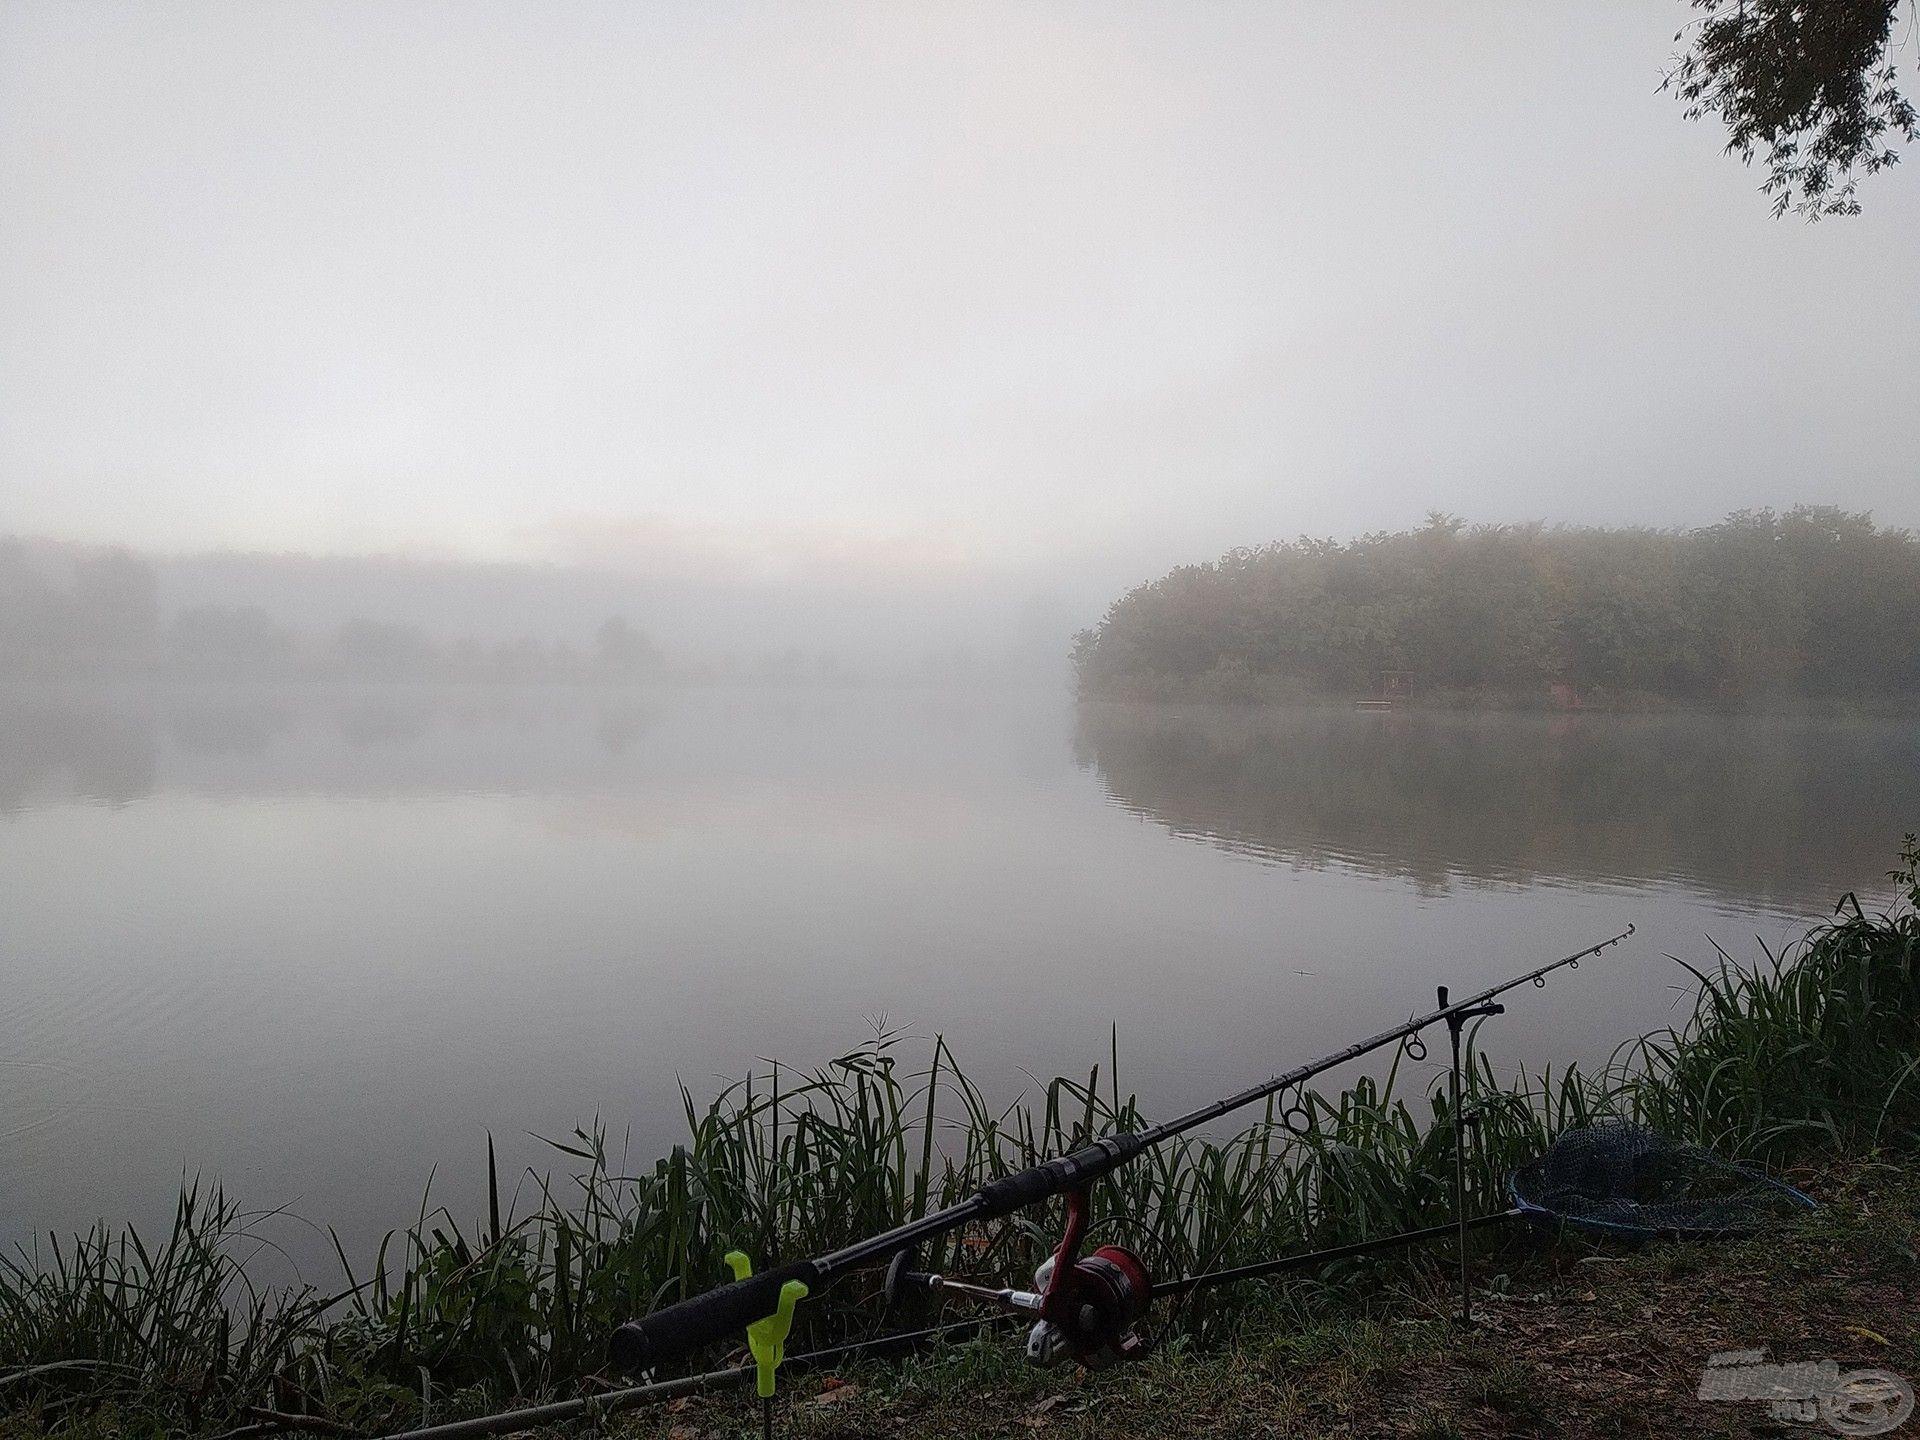 A túlpart létezéséről csak onnan tudtunk, hogy már jó néhányszor horgásztunk itt, de most láthatatlanná vált a hatalmas köd miatt